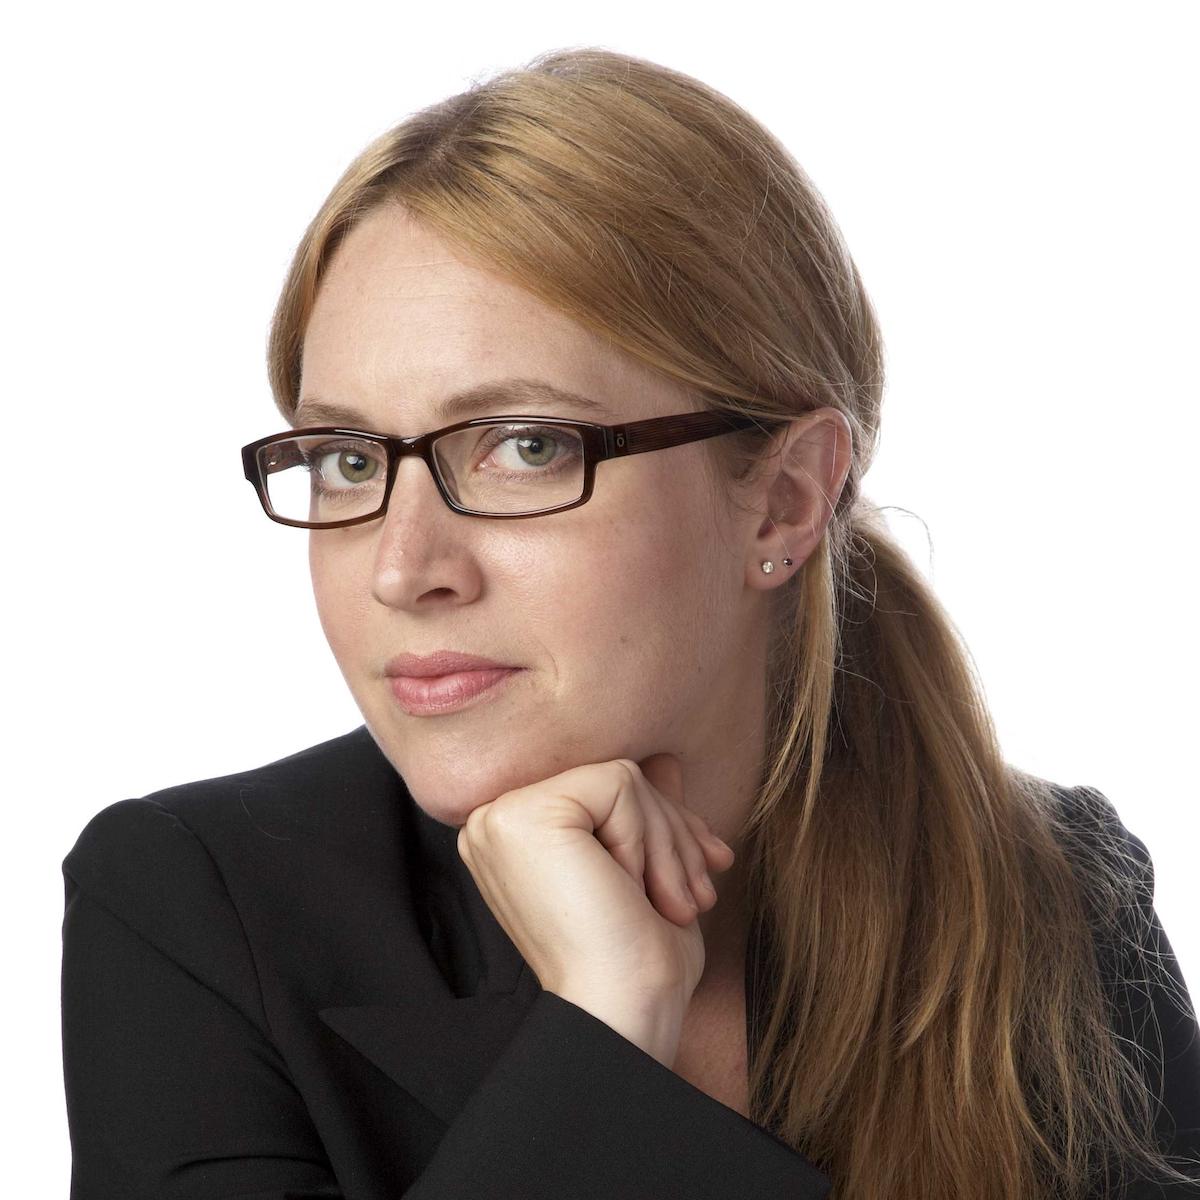 Female entrepreneur Kate Bradley Chernis